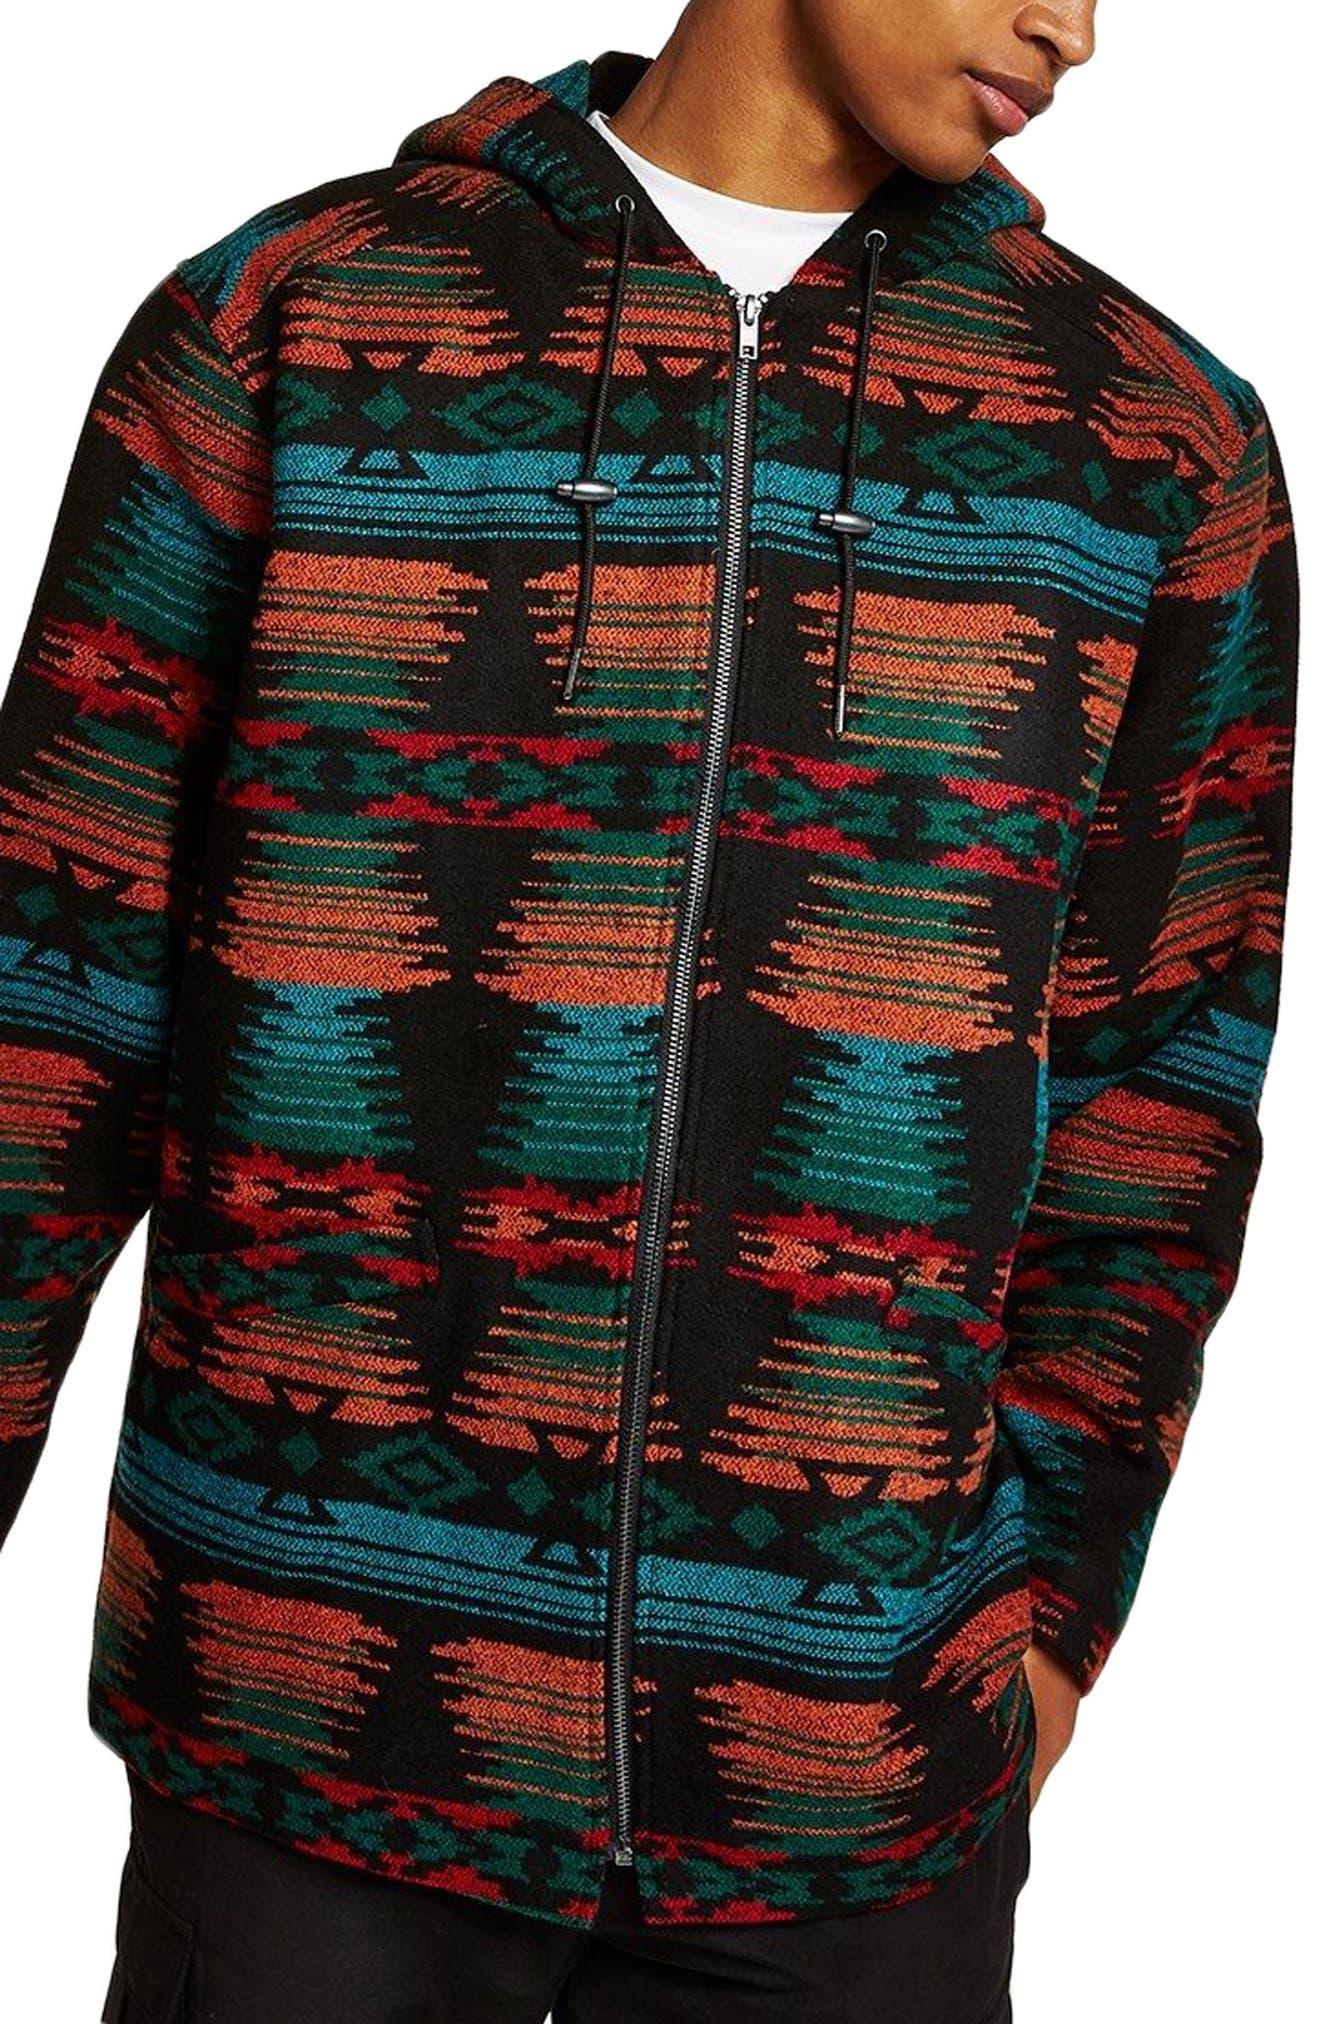 Jacquard Hooded Jacket,                             Main thumbnail 1, color,                             Black Multi